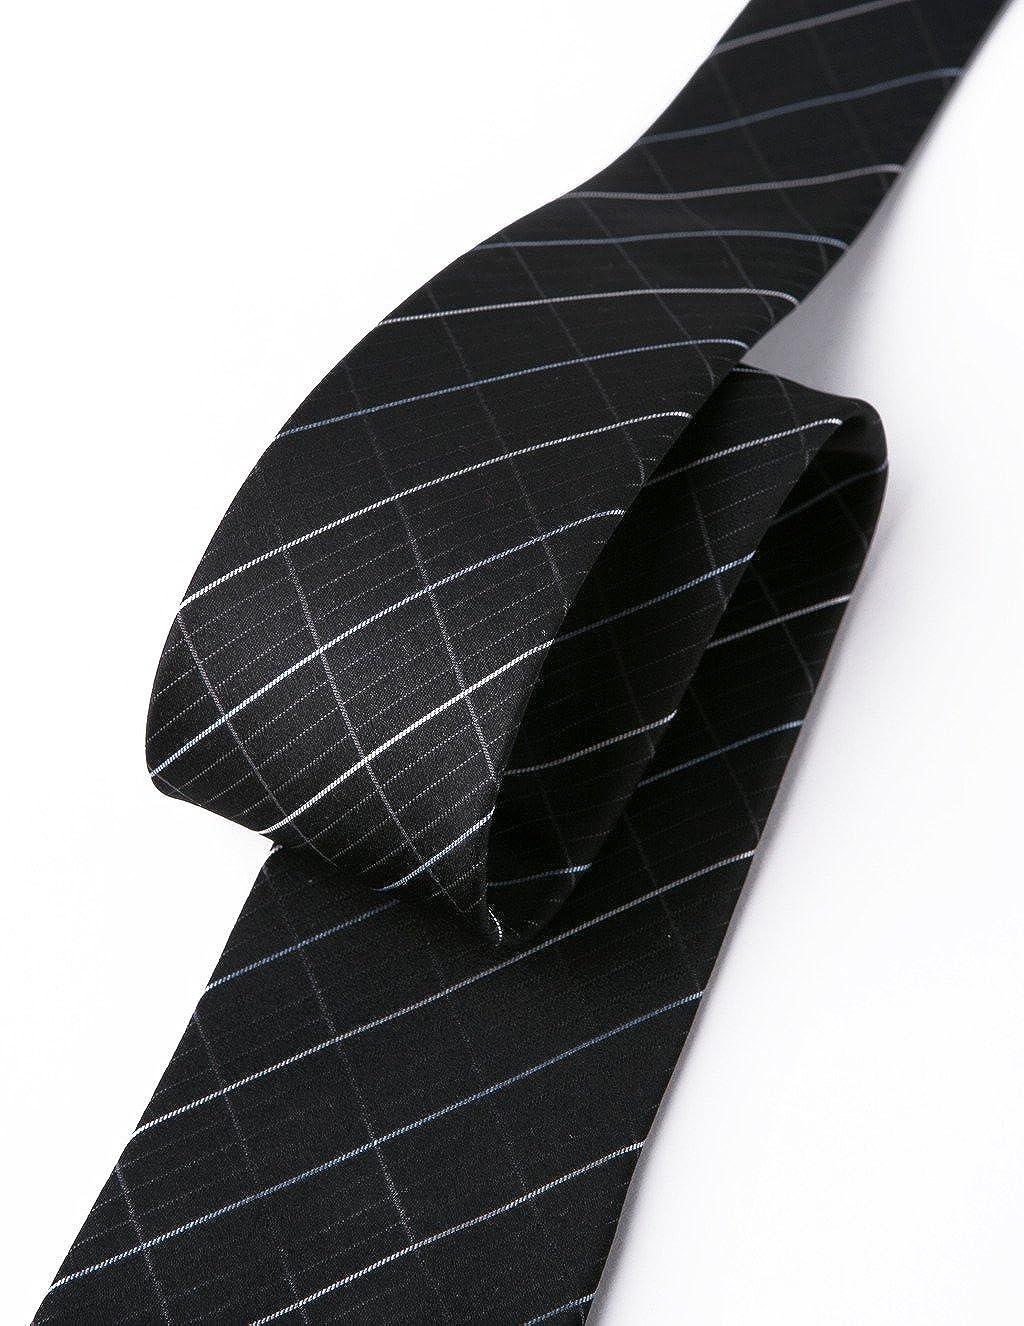 Origen lazos - Rejilla de cuadros escoceses estilo skinny seda ...